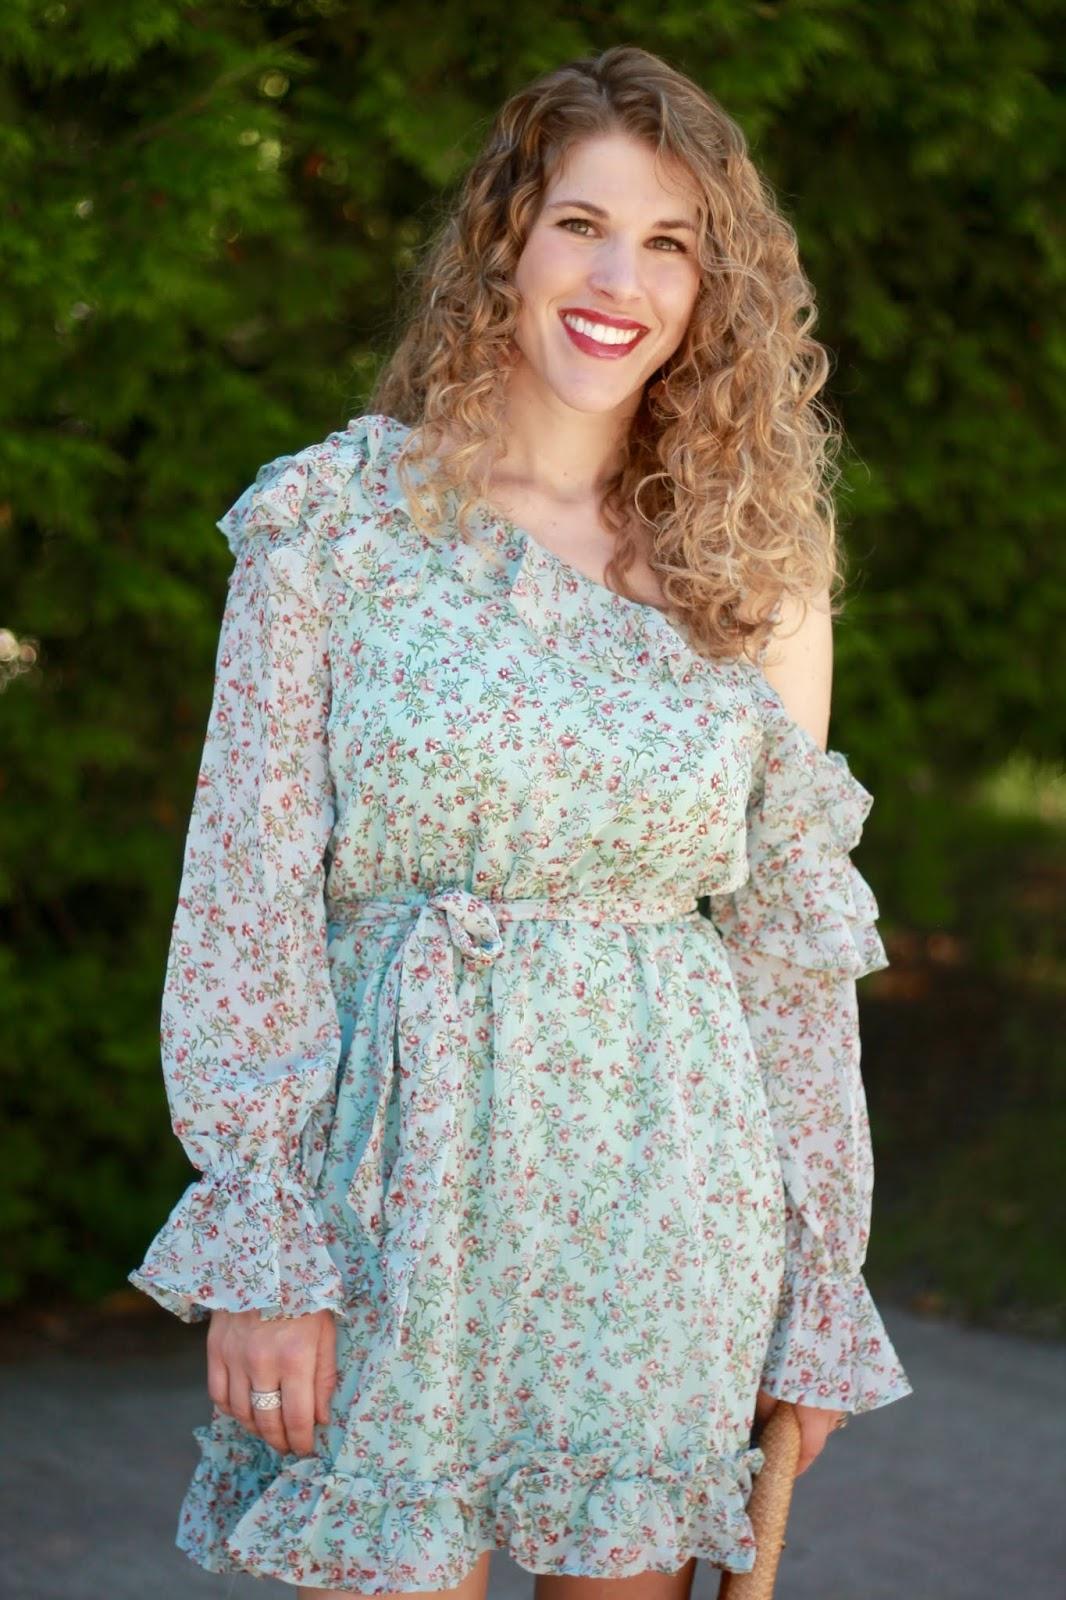 light blue floral one shoulder dress, straw clutch, blush heels